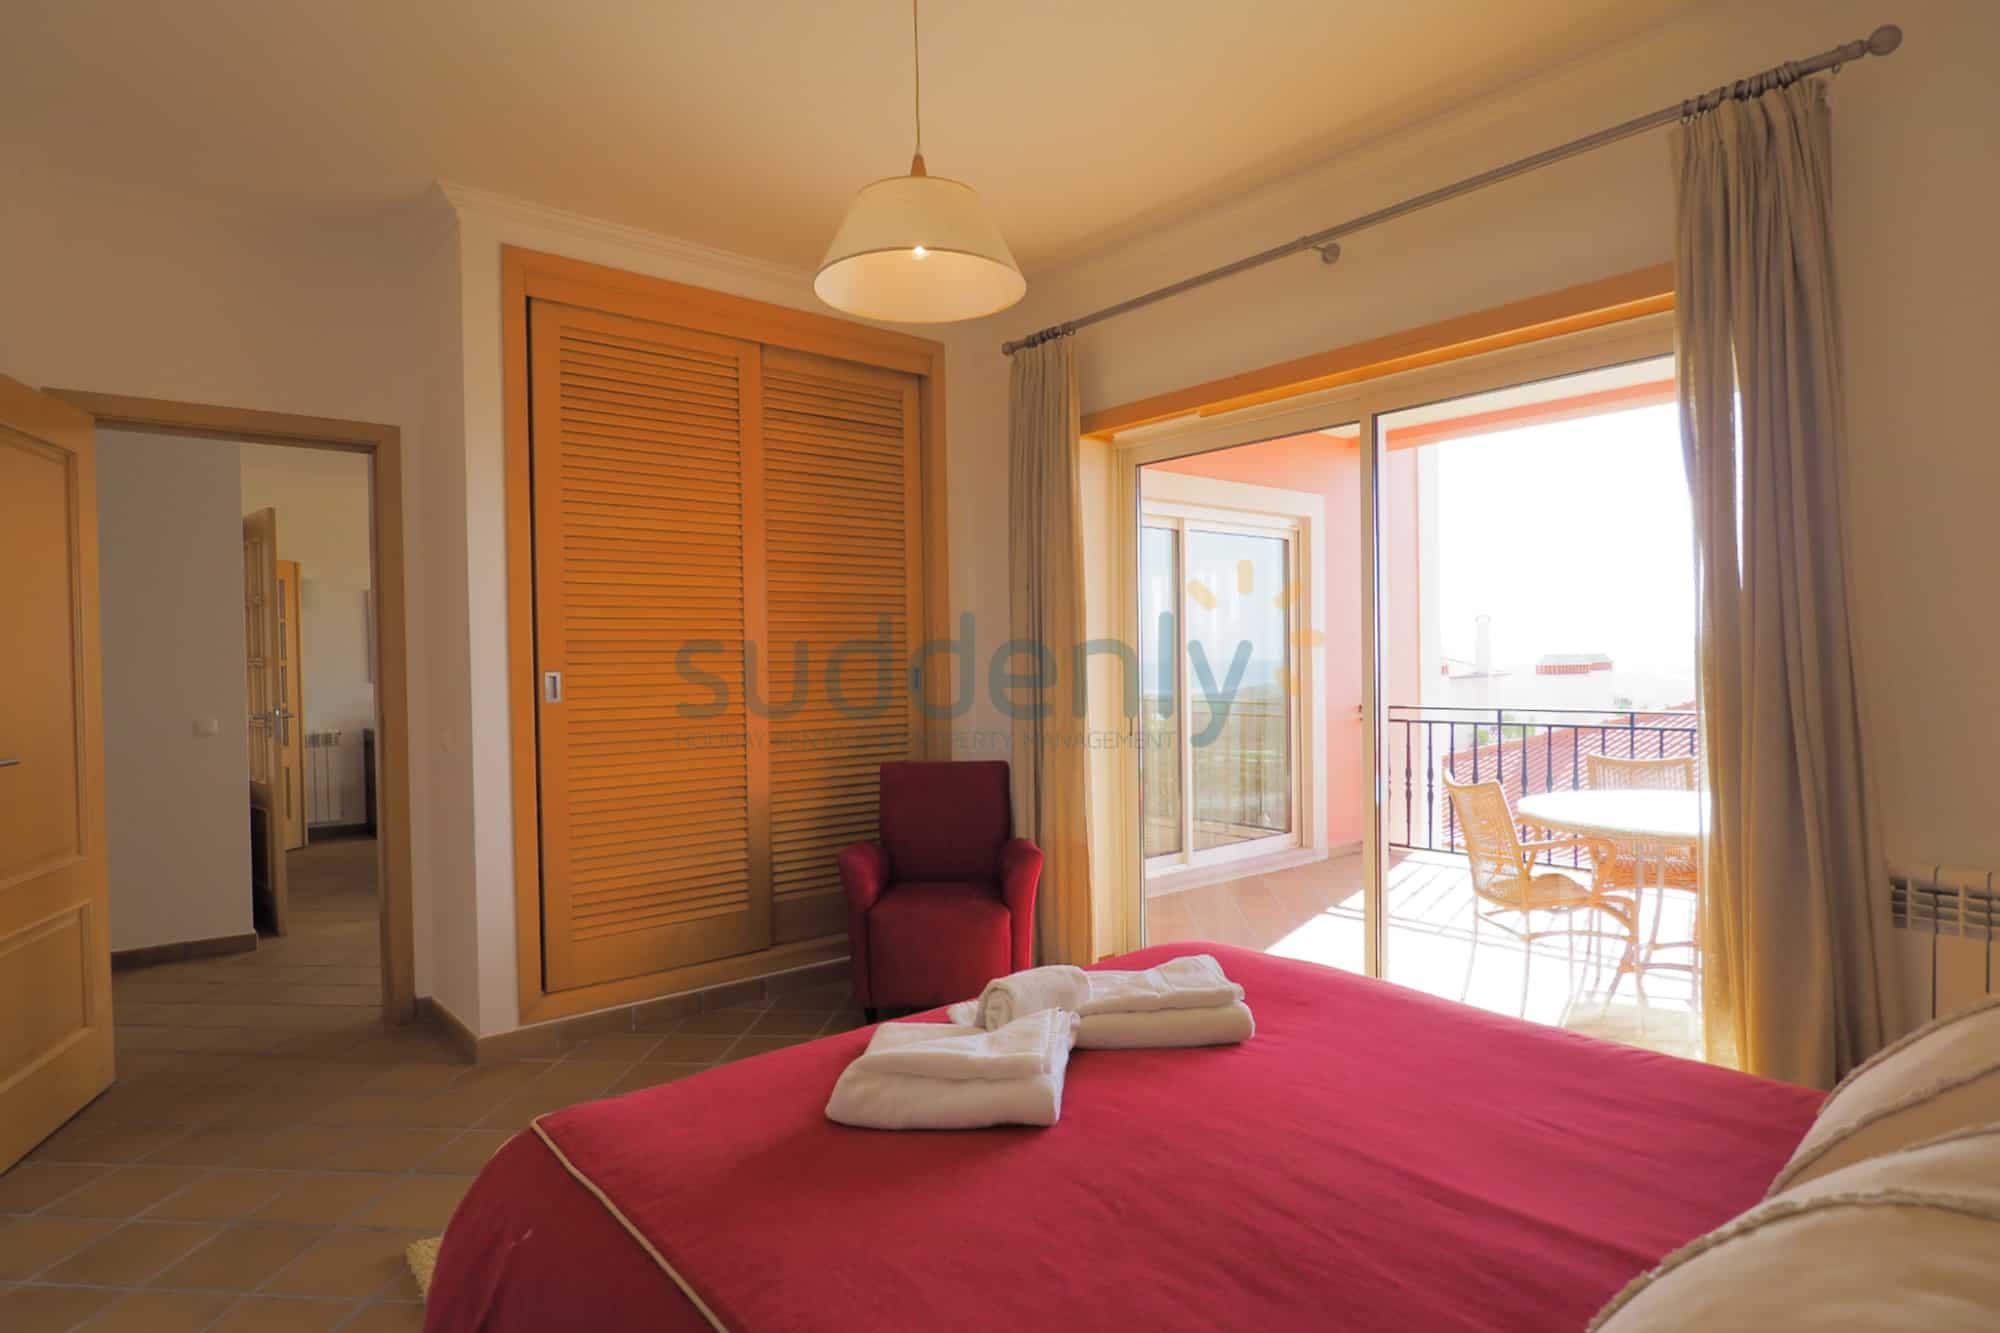 Holiday Rentals in Praia D'El Rey 220